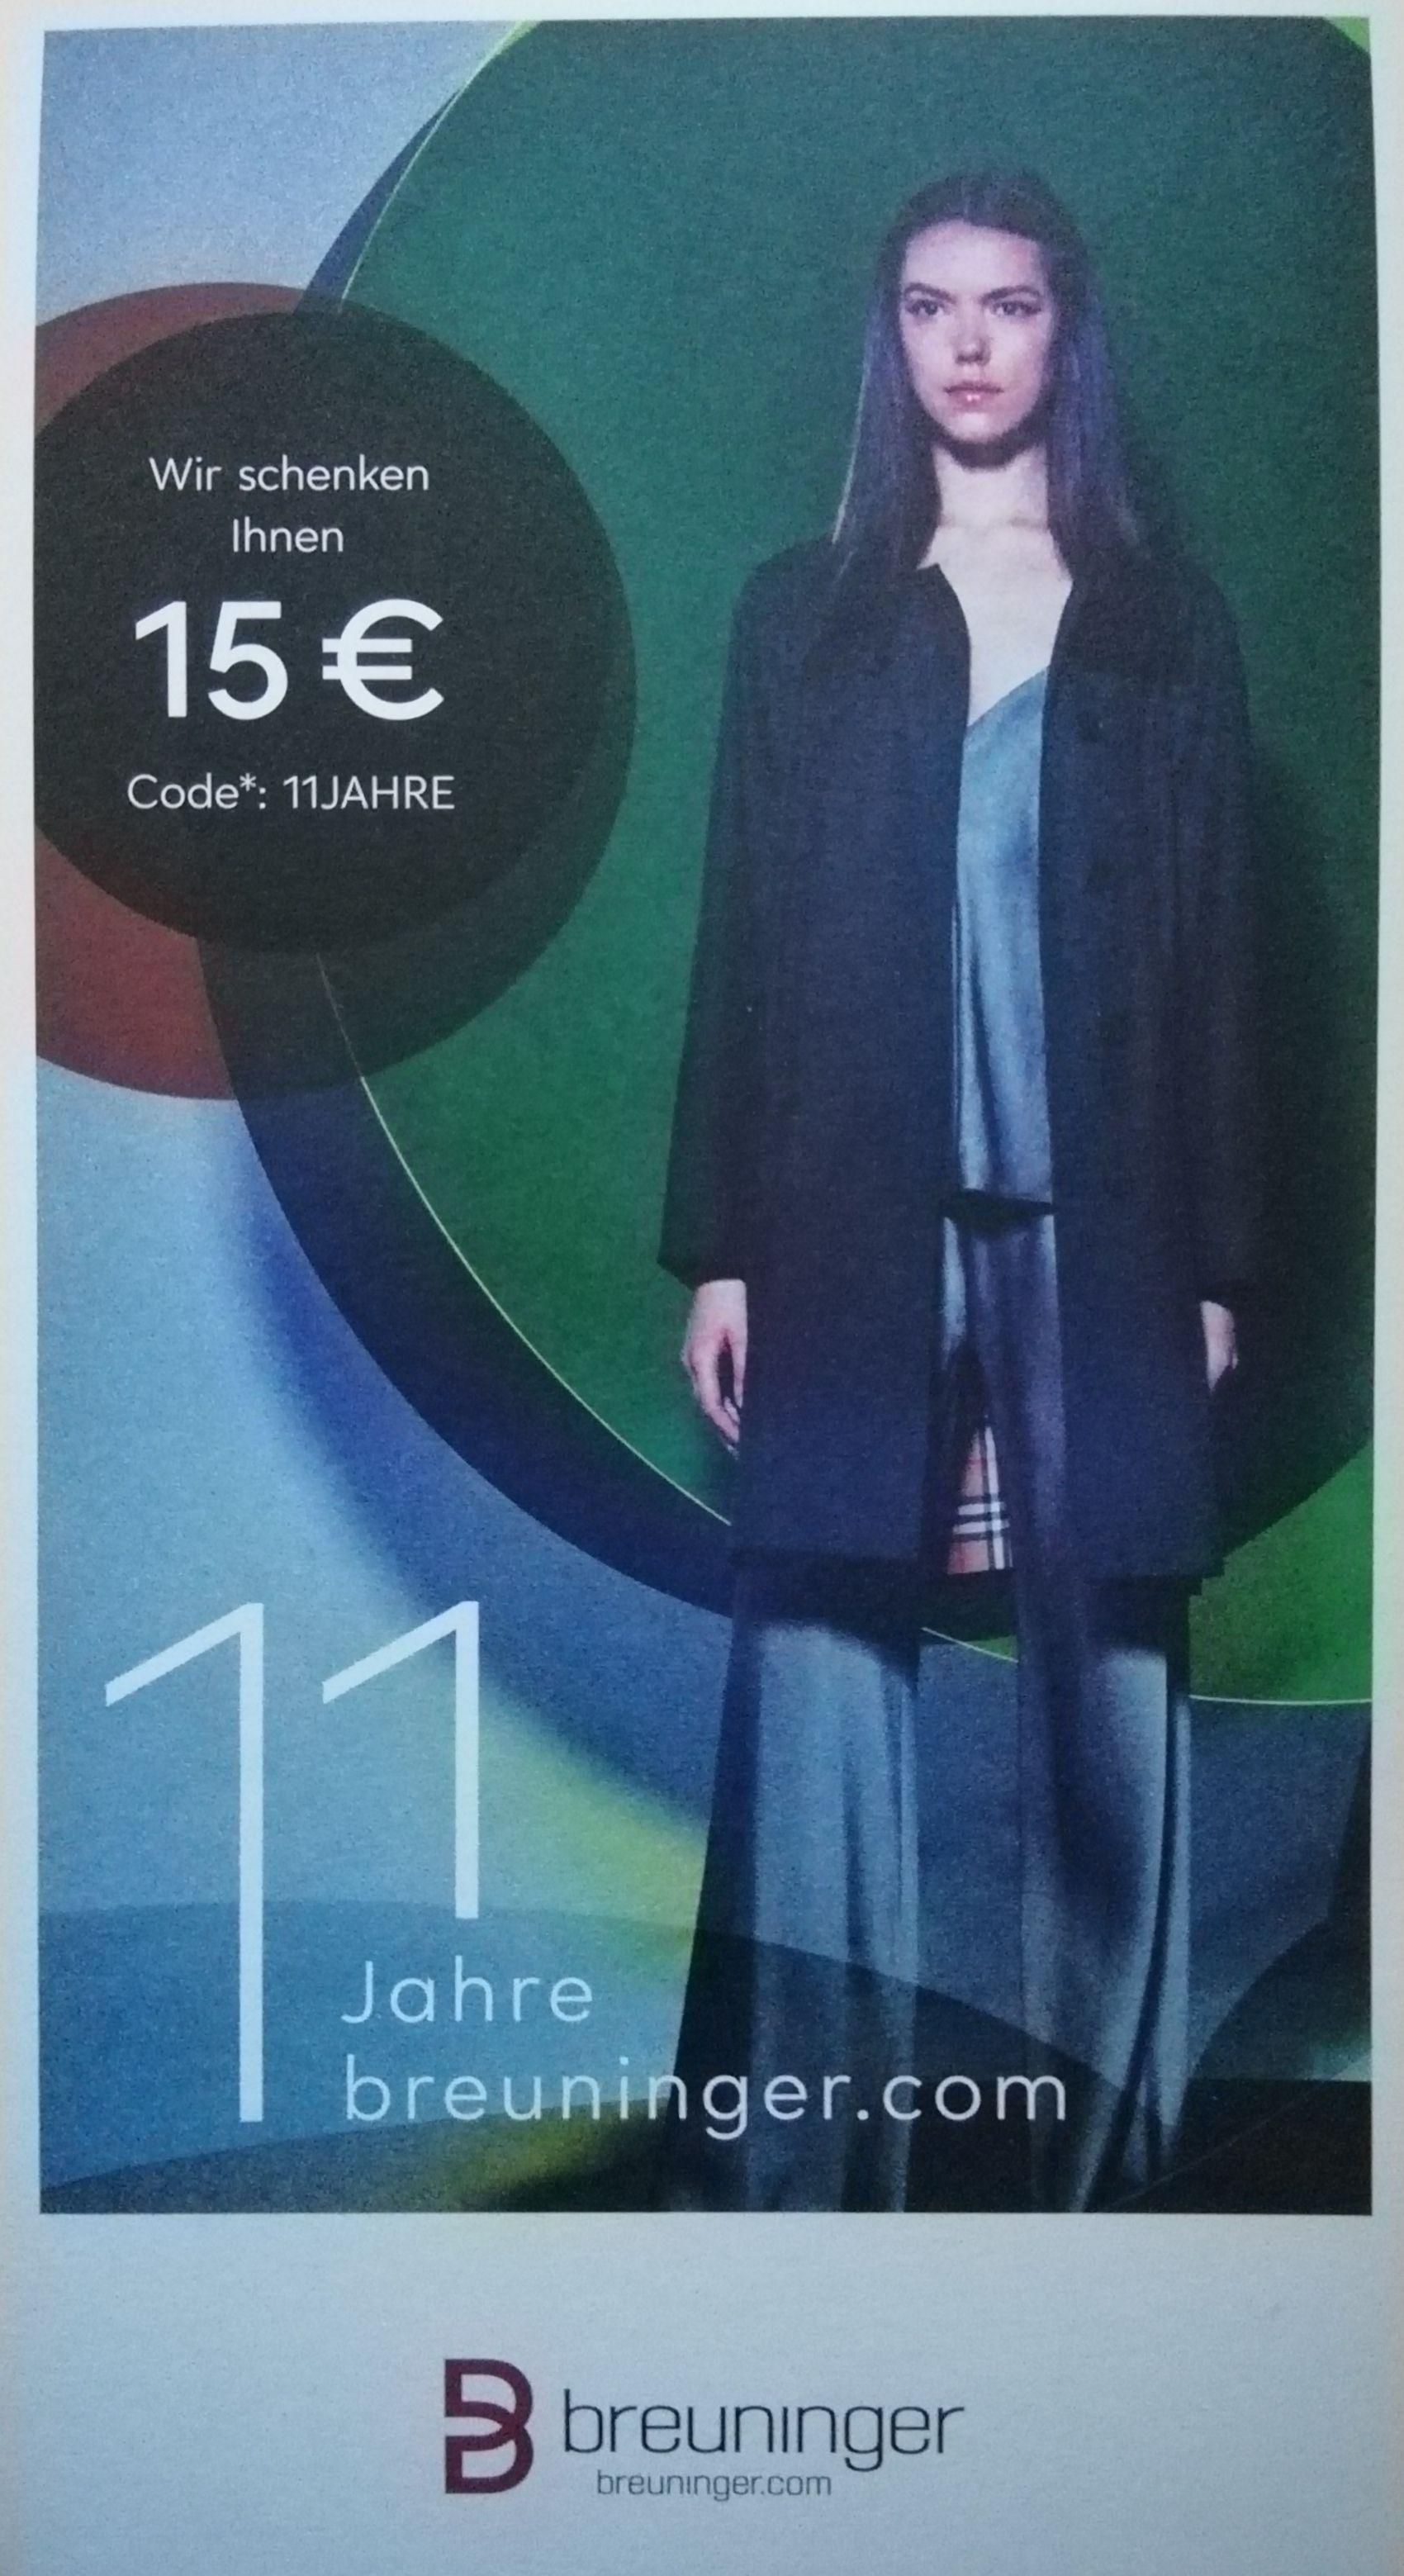 [Breuninger] -15€ bei MBW 99€ Gutschein